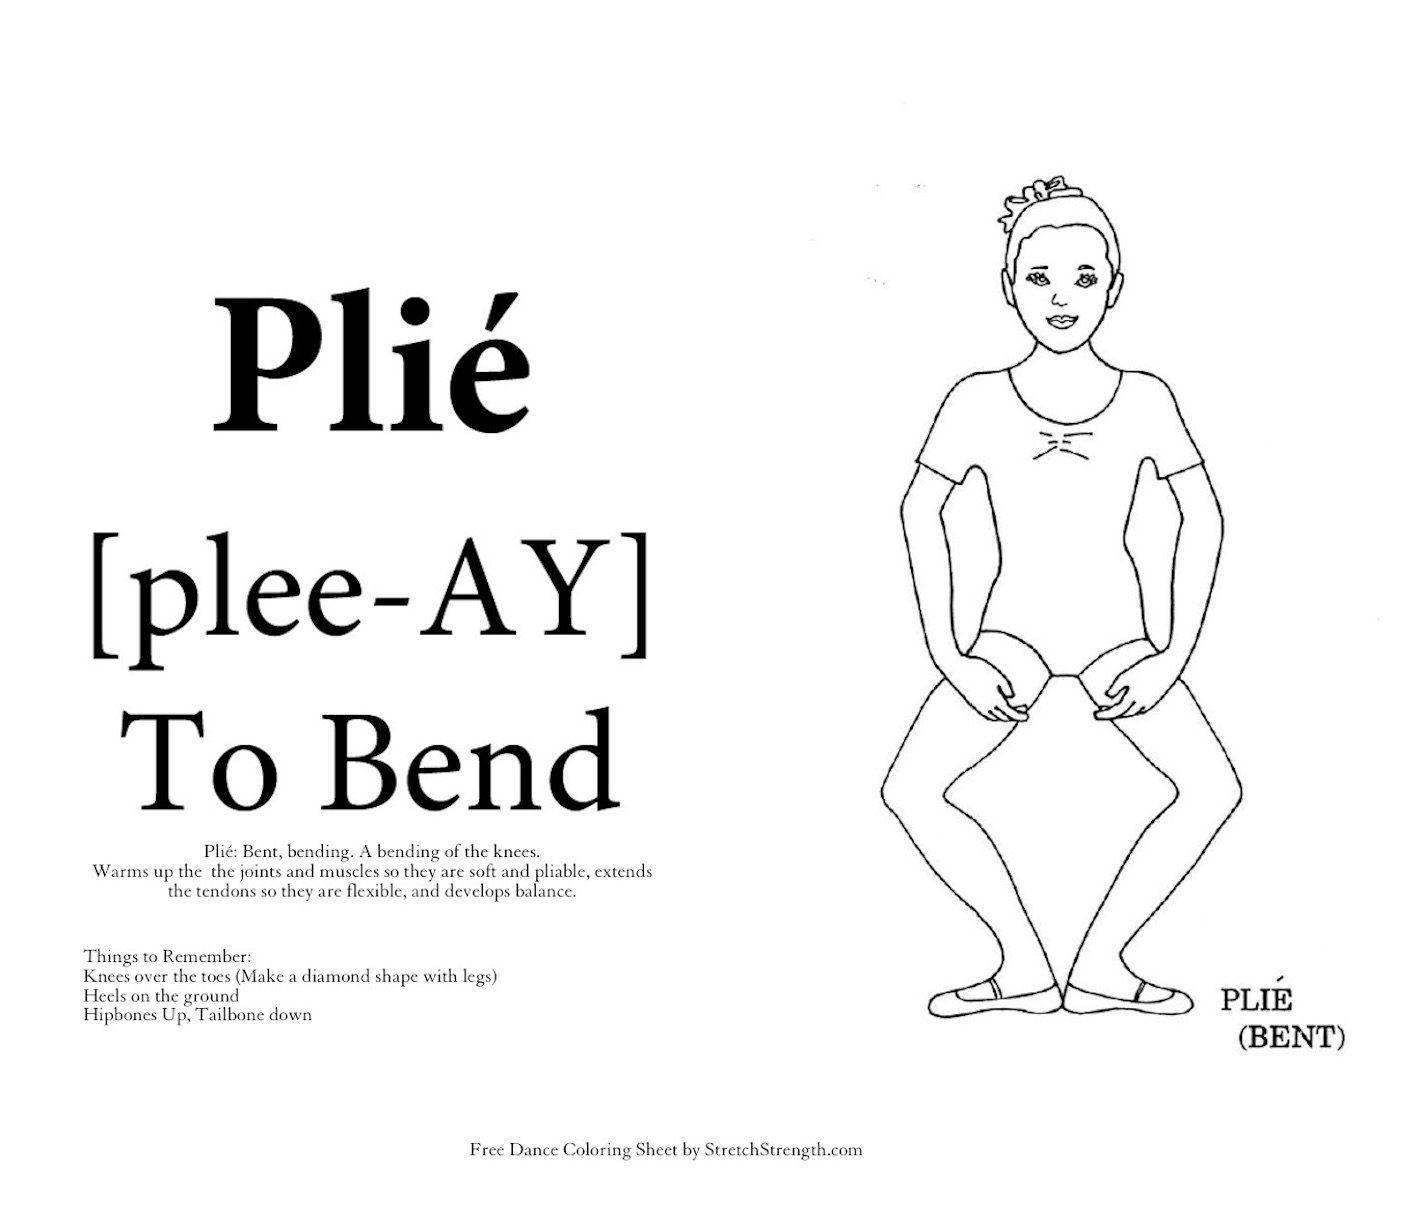 Free Ballet Dancer Vocabulary Coloring Sheet - Plié